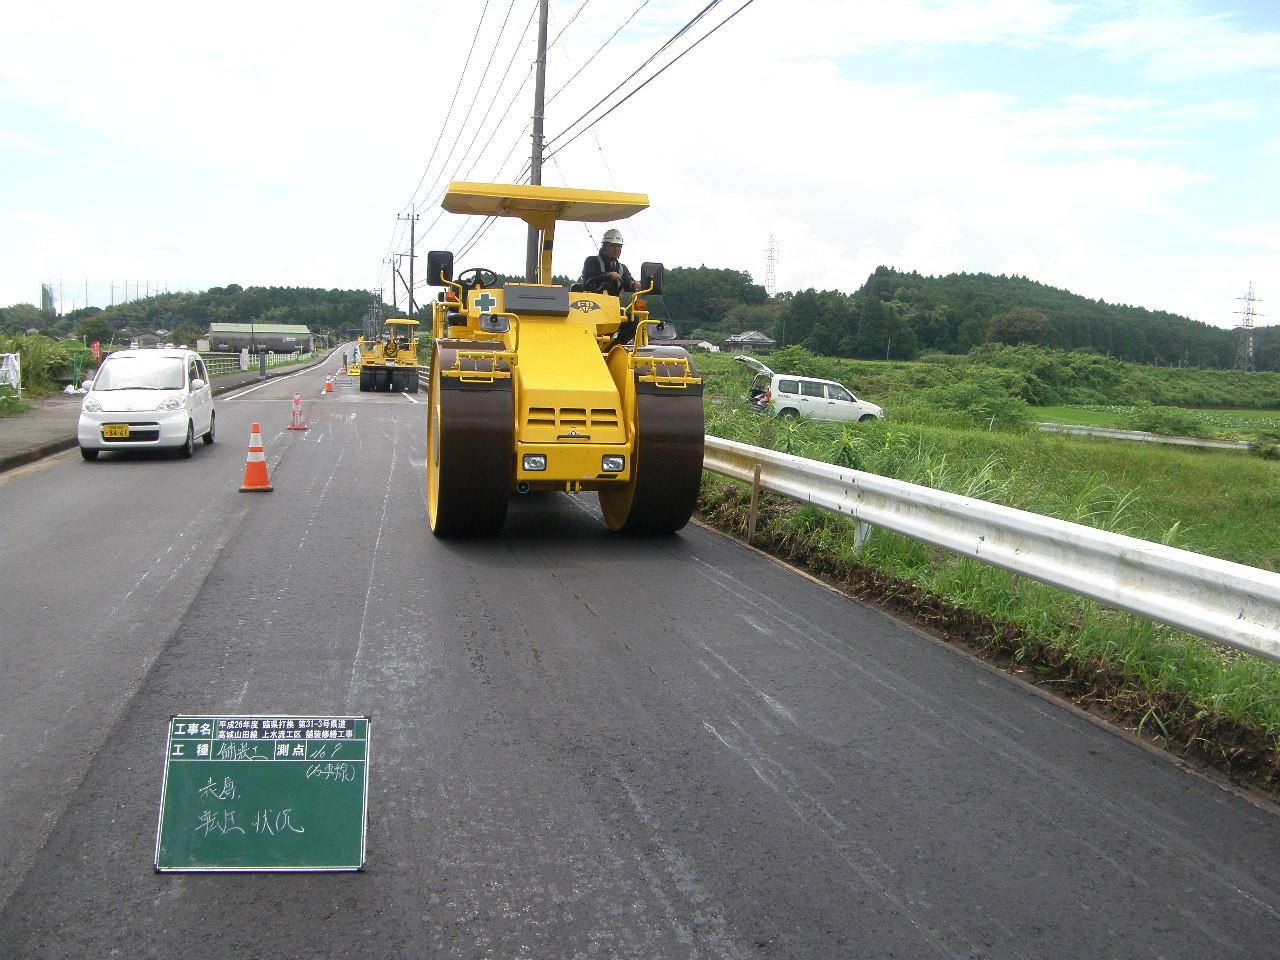 平成26年度  臨県打換 第31-3号 県道高城山田線 上水流工区 舗装修繕工事